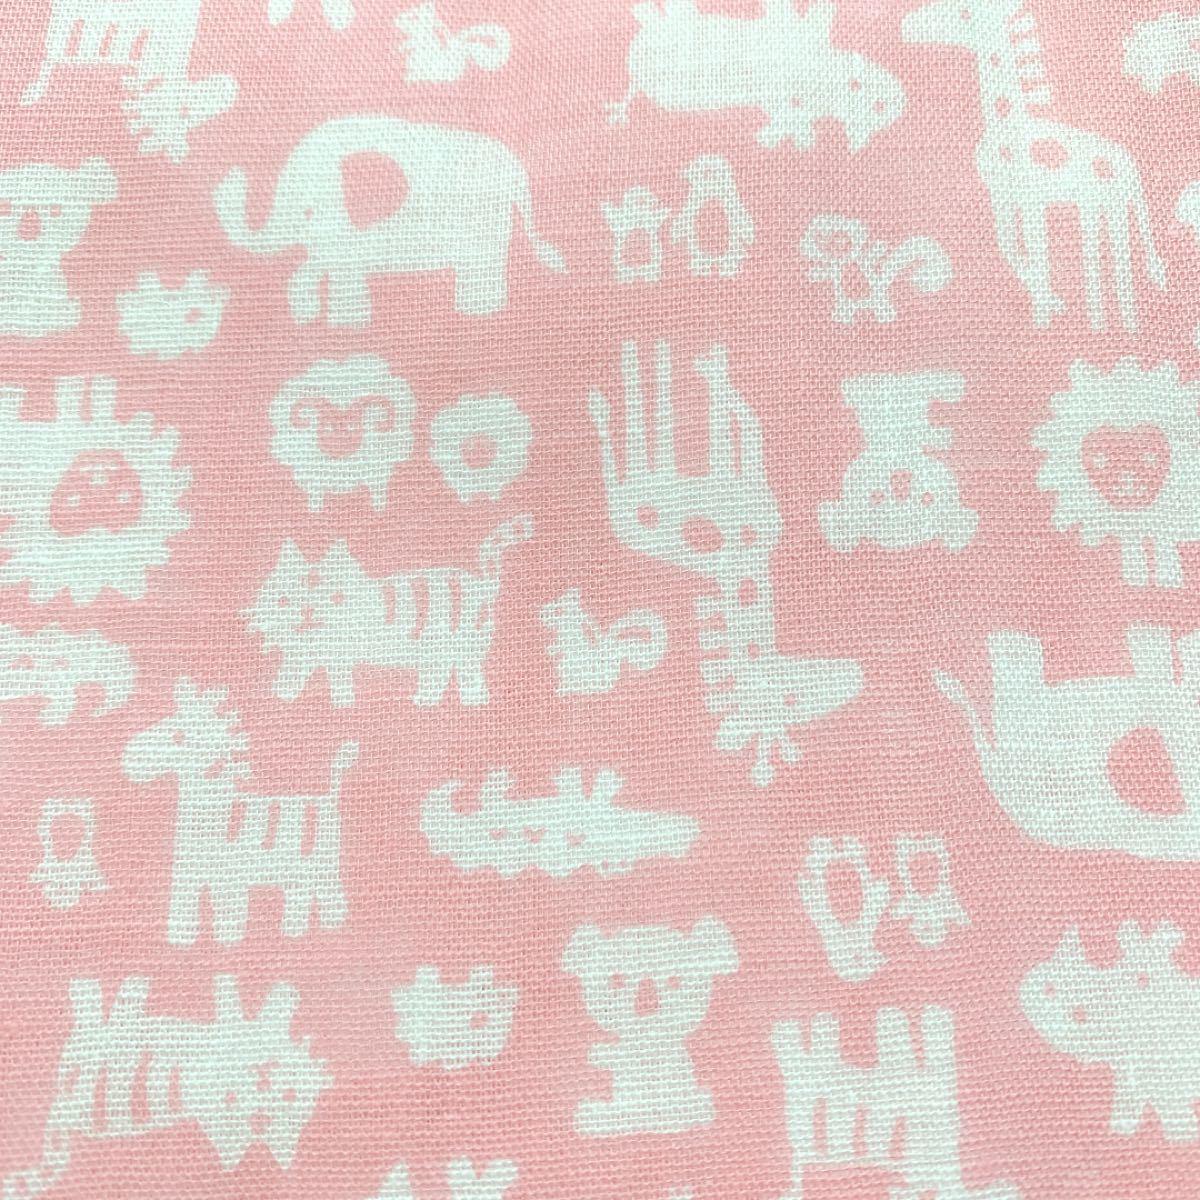 ダブルガーゼ ピンク 動物柄  生地